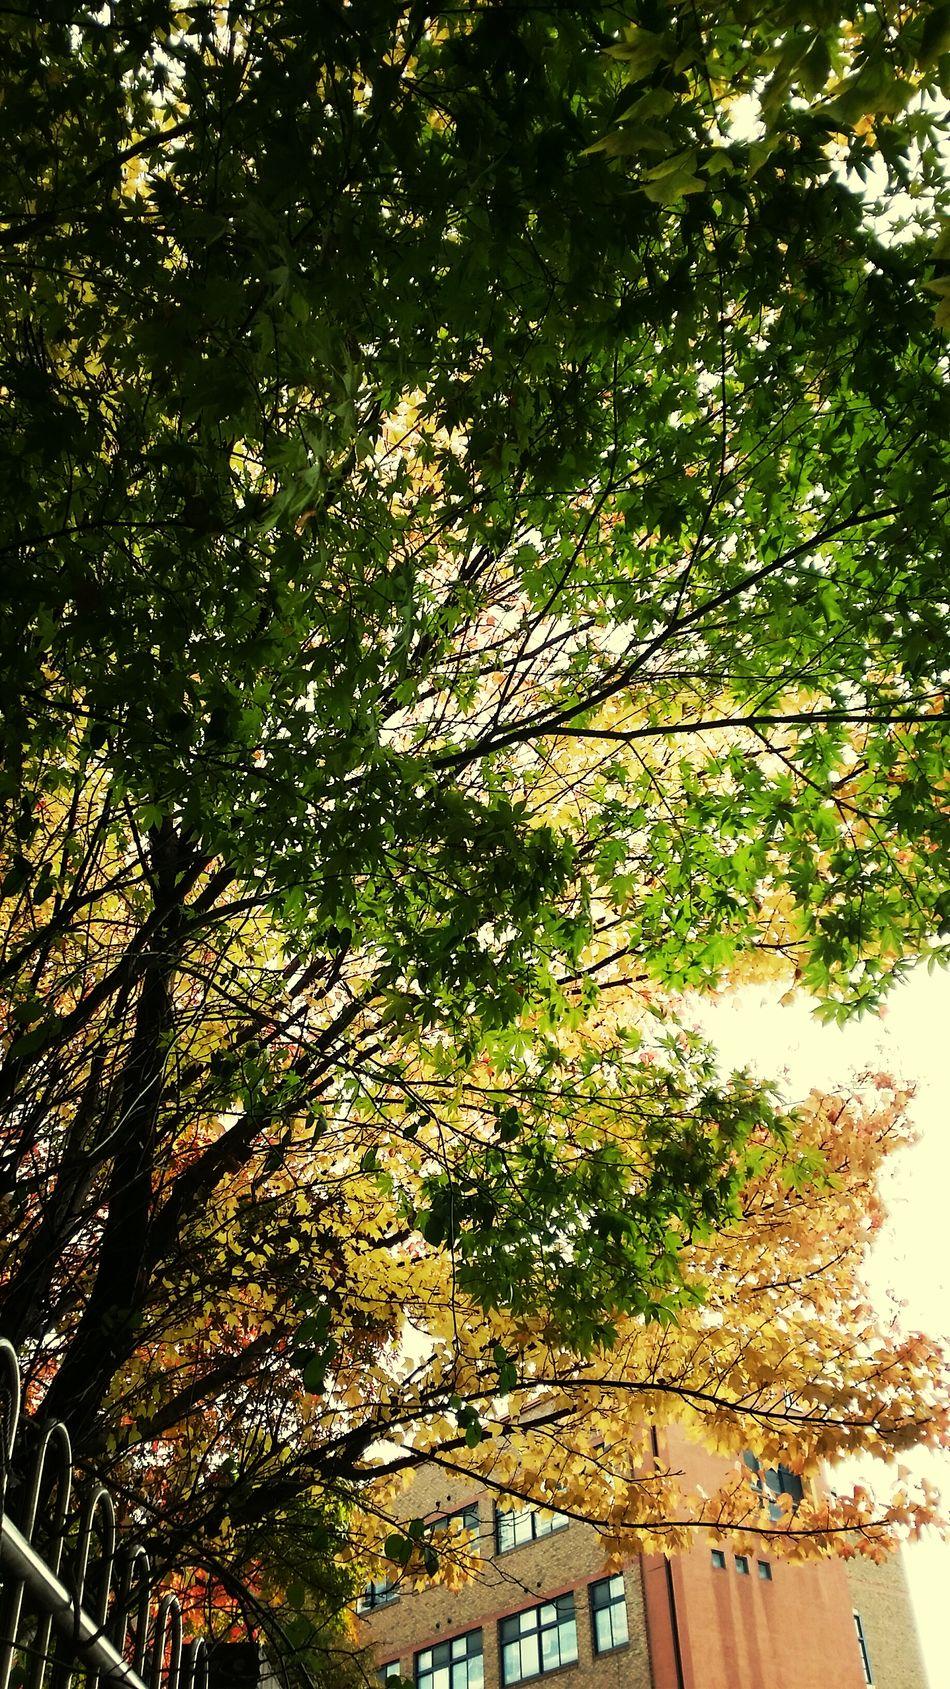 알록달록한 나무들 참 좋다. 푸르름과는 또 다른 예쁨. 가을 겨울 좋아. Fall Autumn